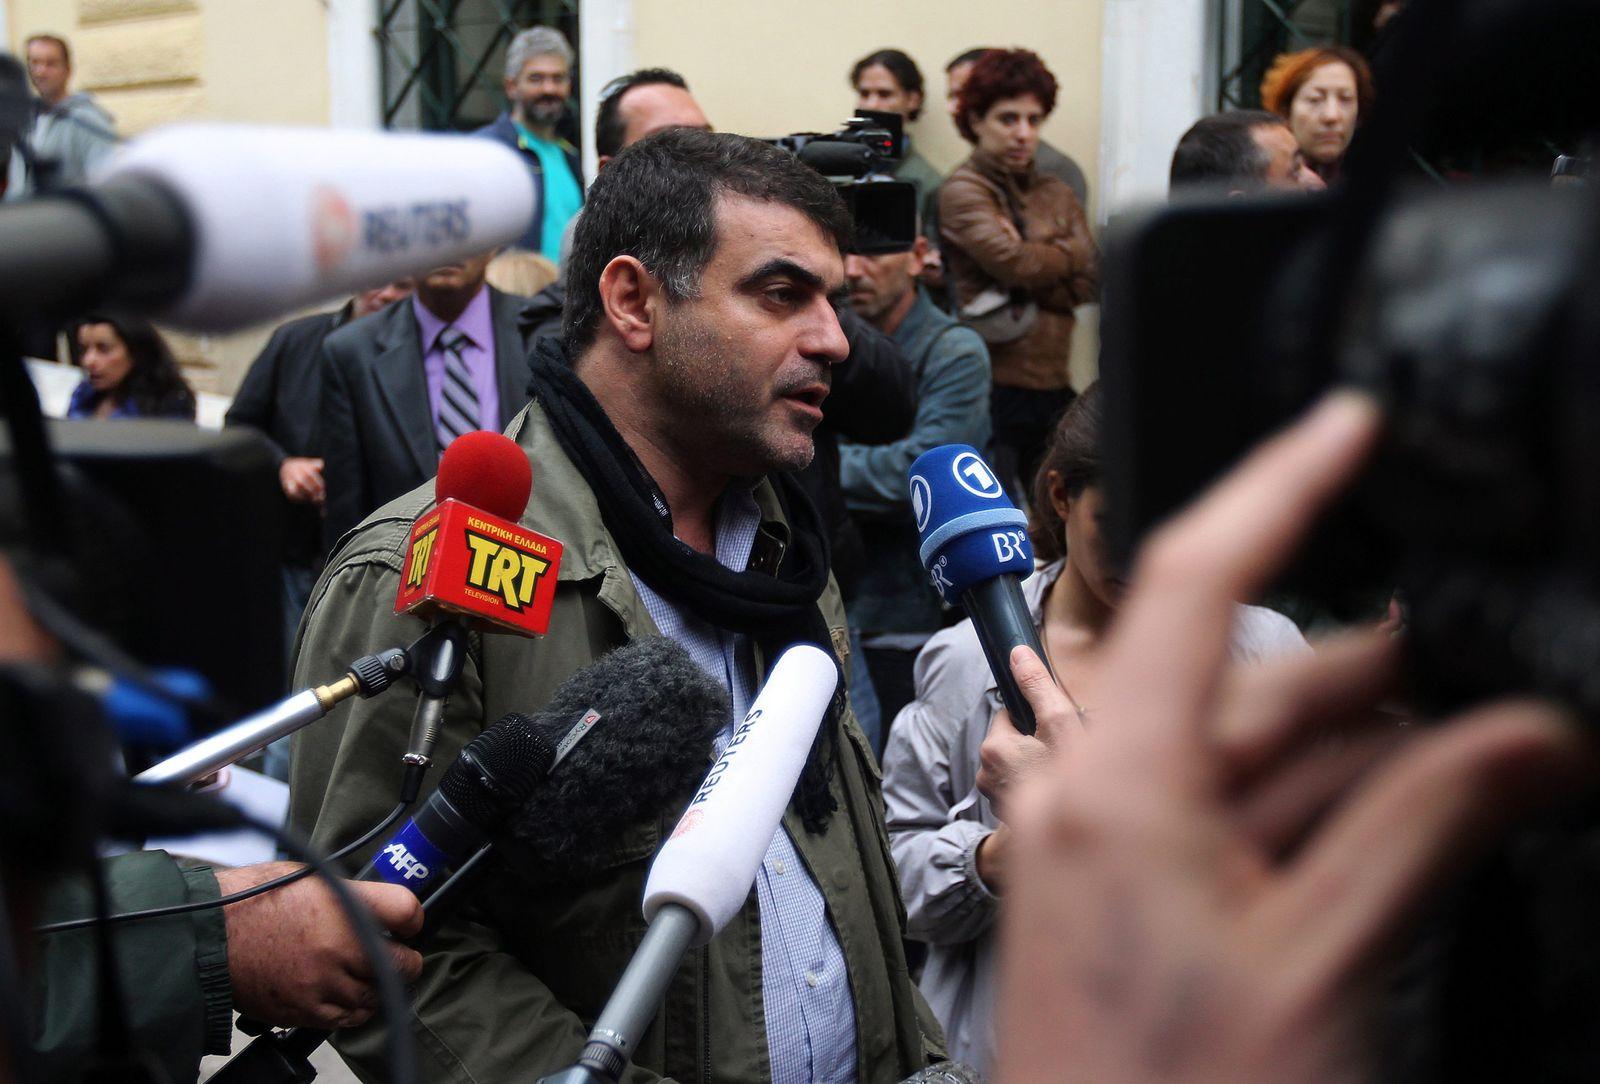 Journalist Griechenland